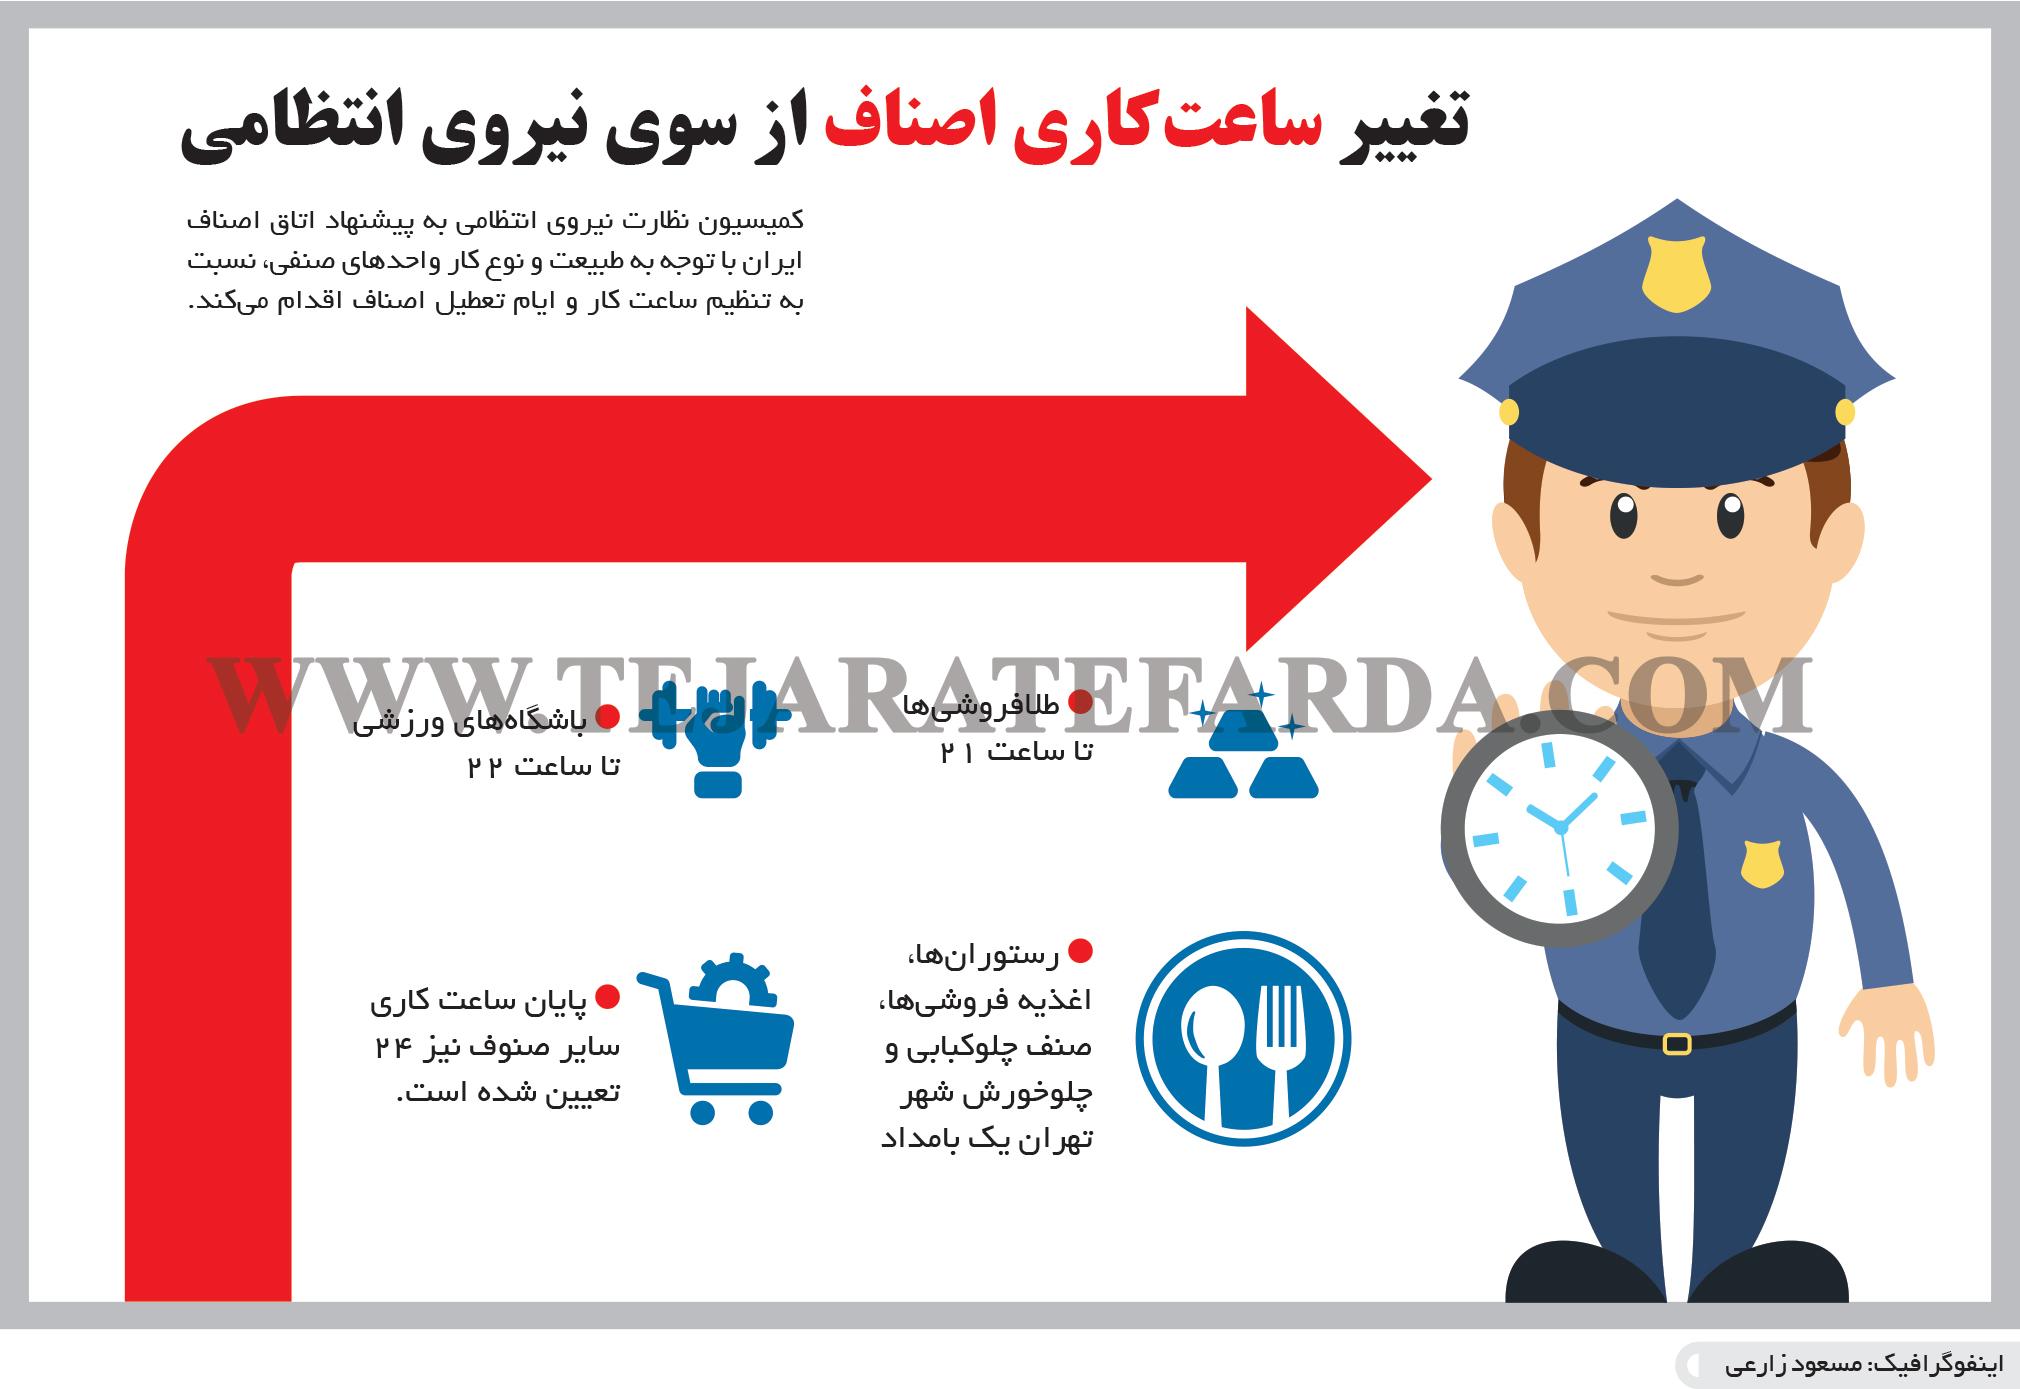 تجارت- فردا- تغییر ساعتکاری اصناف از سوی نیروی انتظامی(اینفوگرافیک)